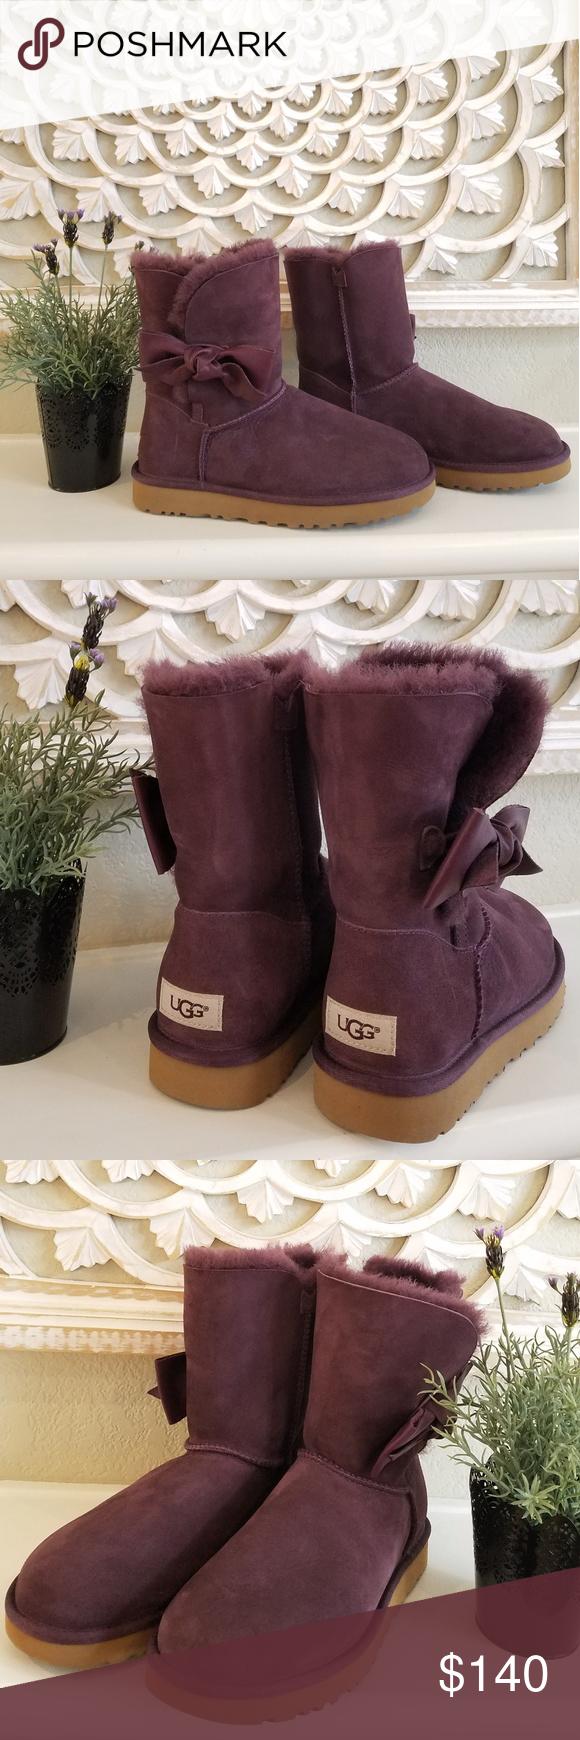 91df2d6f999 BNWB! UGG Daelynn Short Boots BRAND NEW! W/OUT BOX UGG Daelynn, a ...